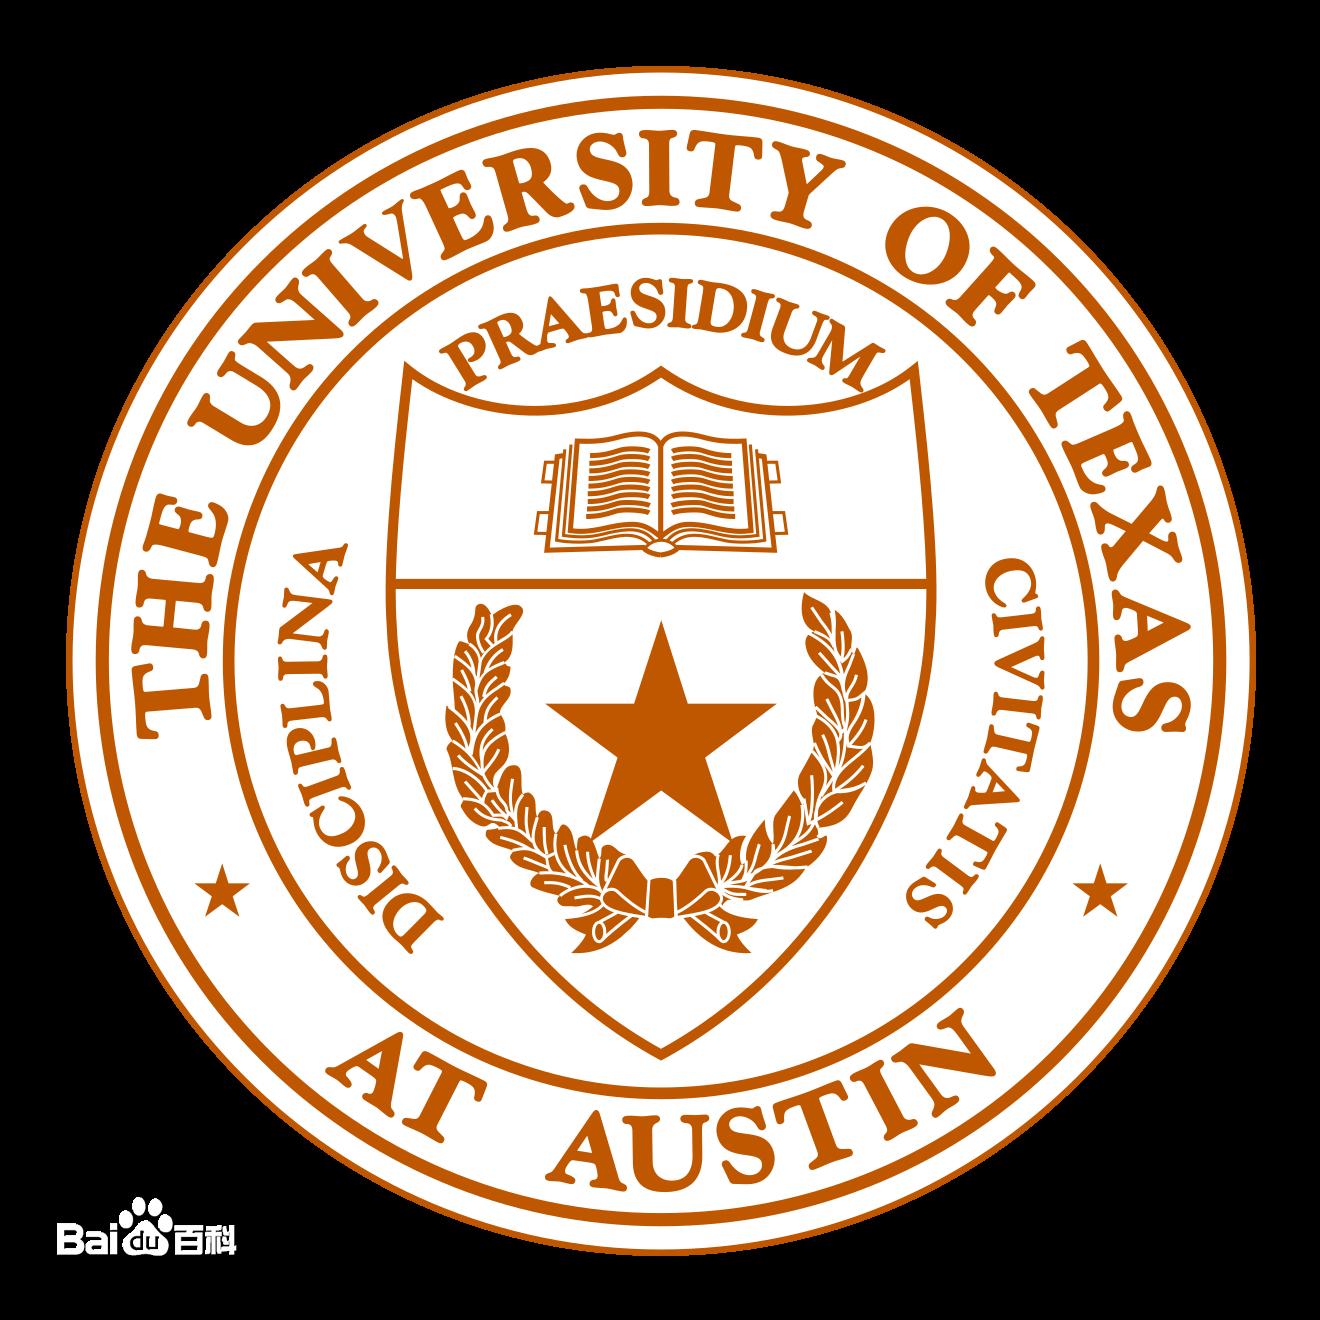 得克萨斯大学奥斯汀分校世界排名,得克萨斯大学奥斯汀分校研究生申请,得克萨斯大学奥斯汀分校学费多少?